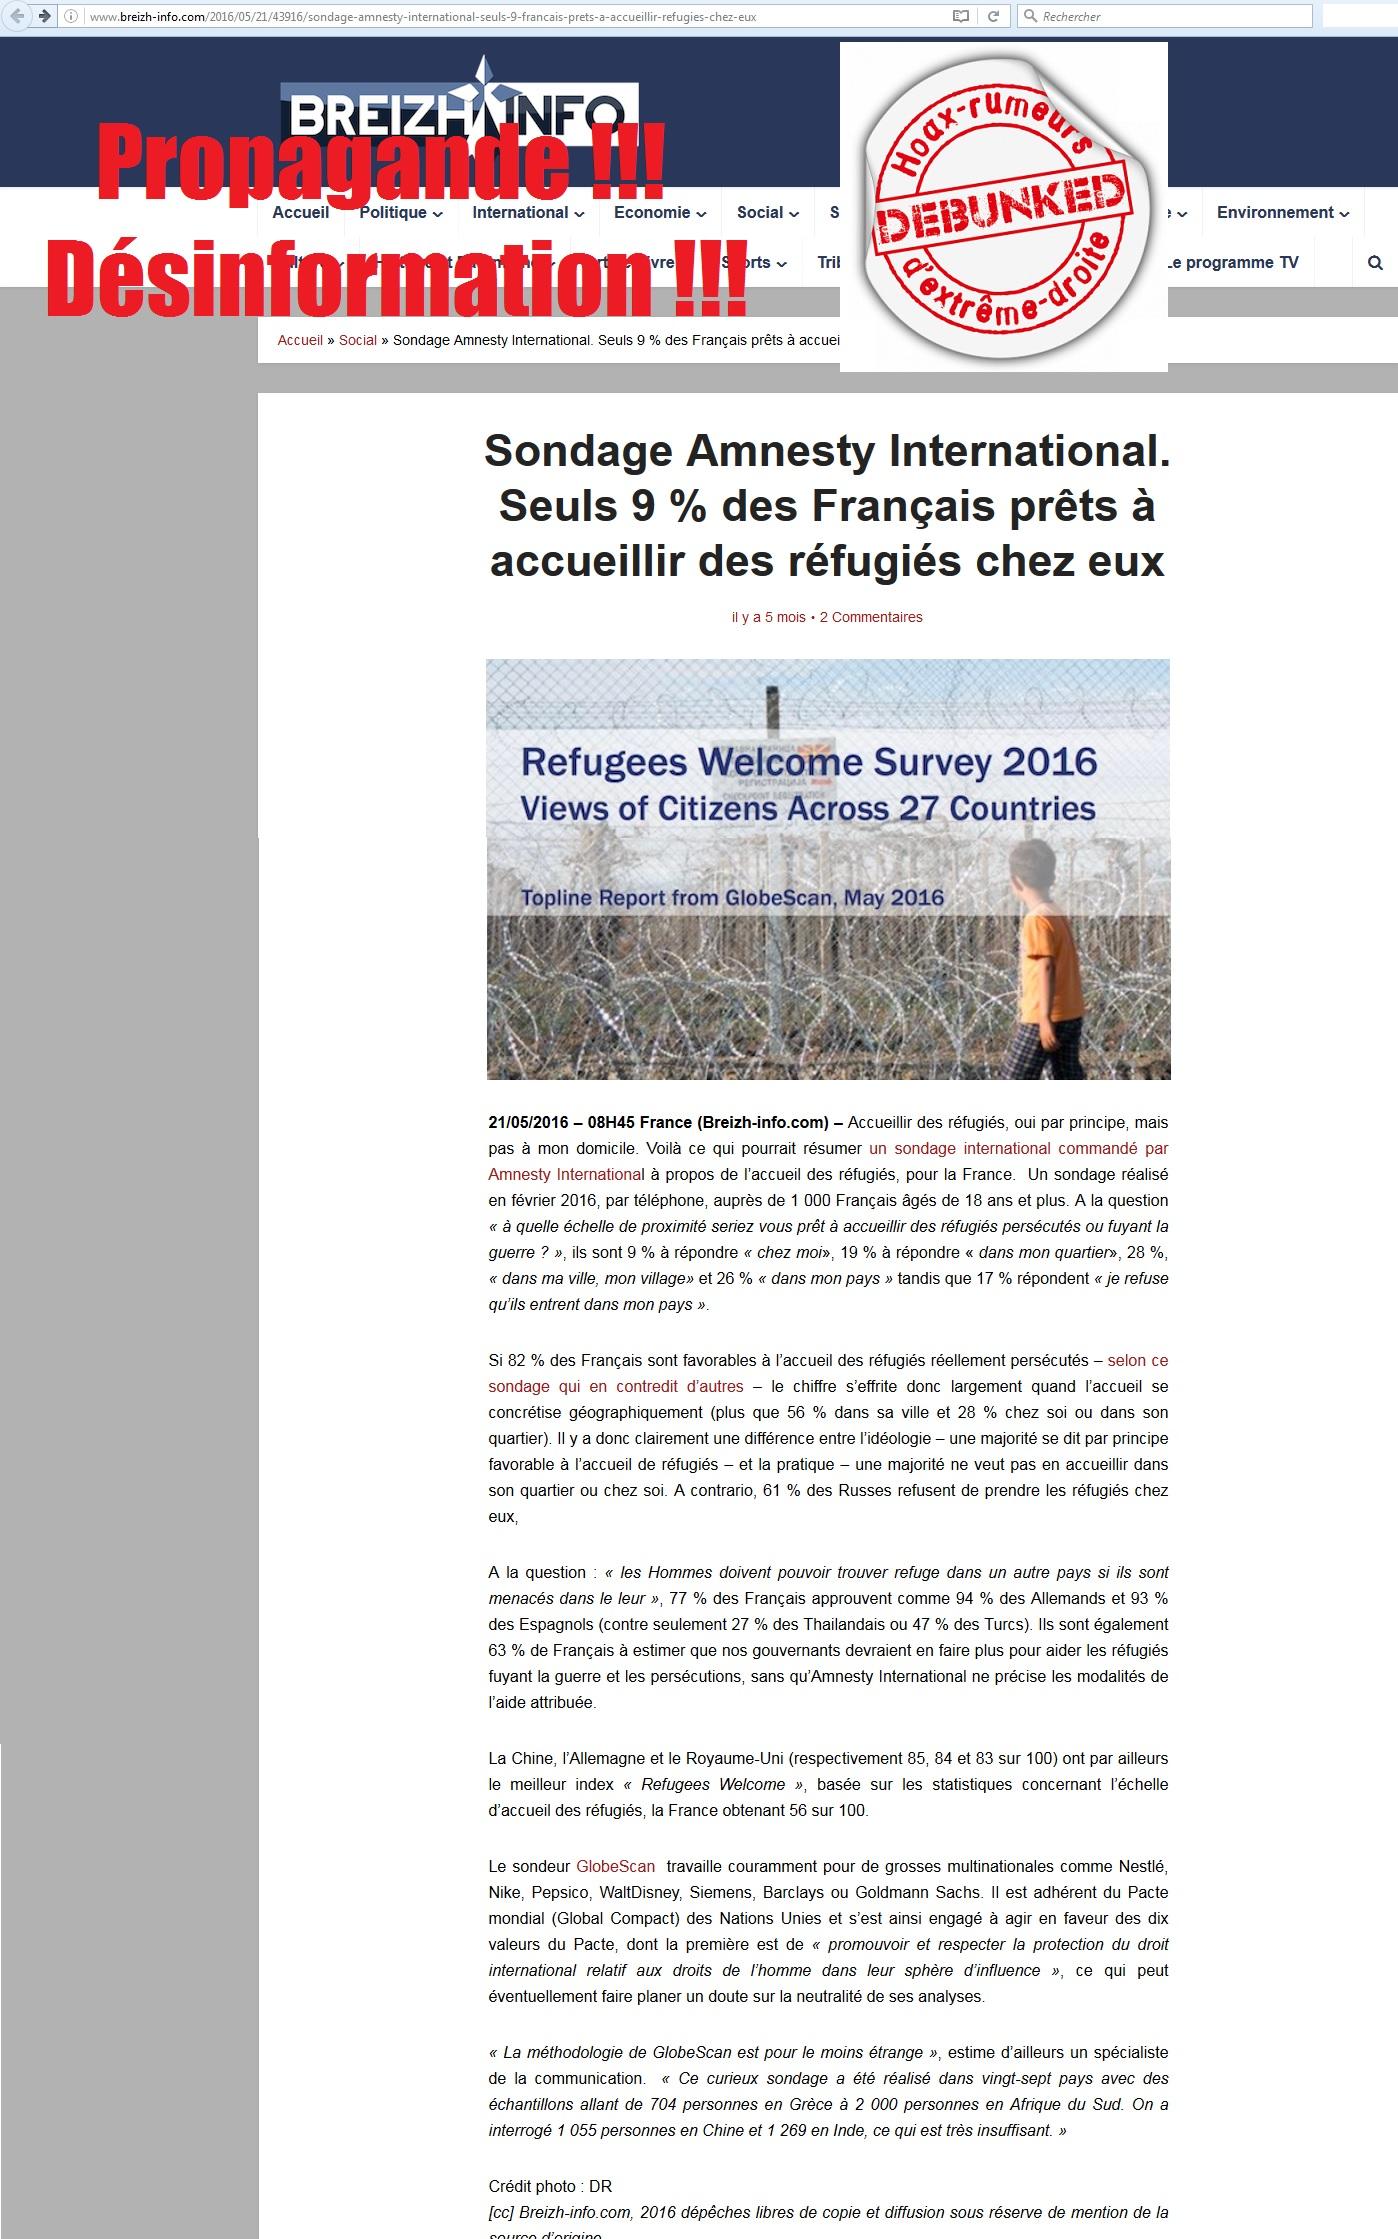 Breizh infos anmesty.jpg